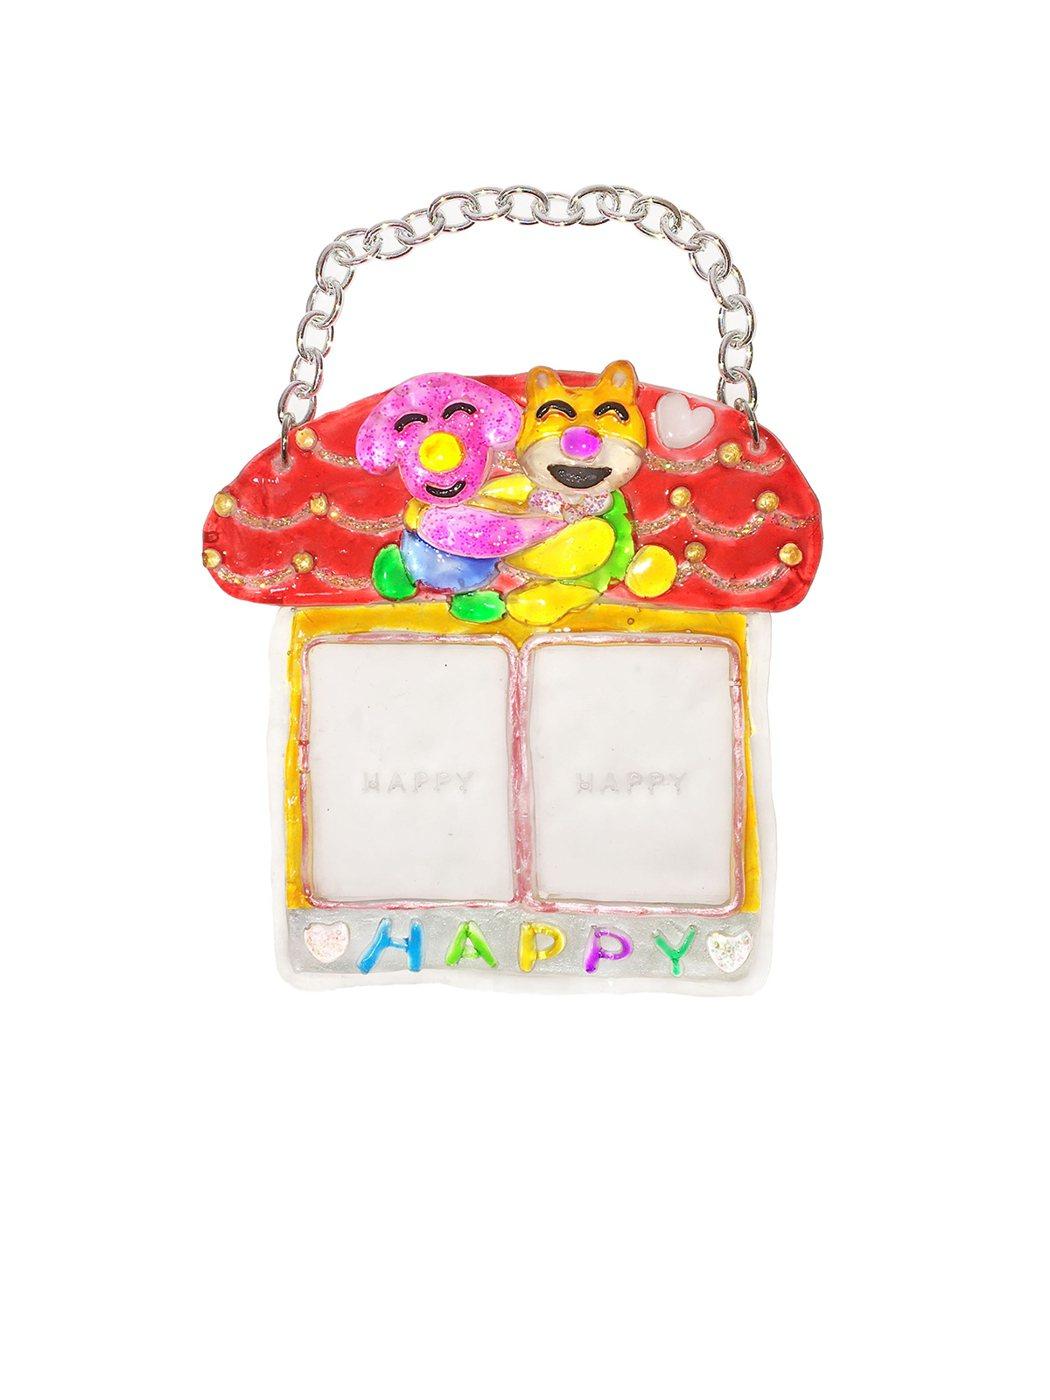 視覺藝術家黃珮瑜以探索幸福與快樂為品牌理念,推出品牌「HAPPY」的經典Phot...